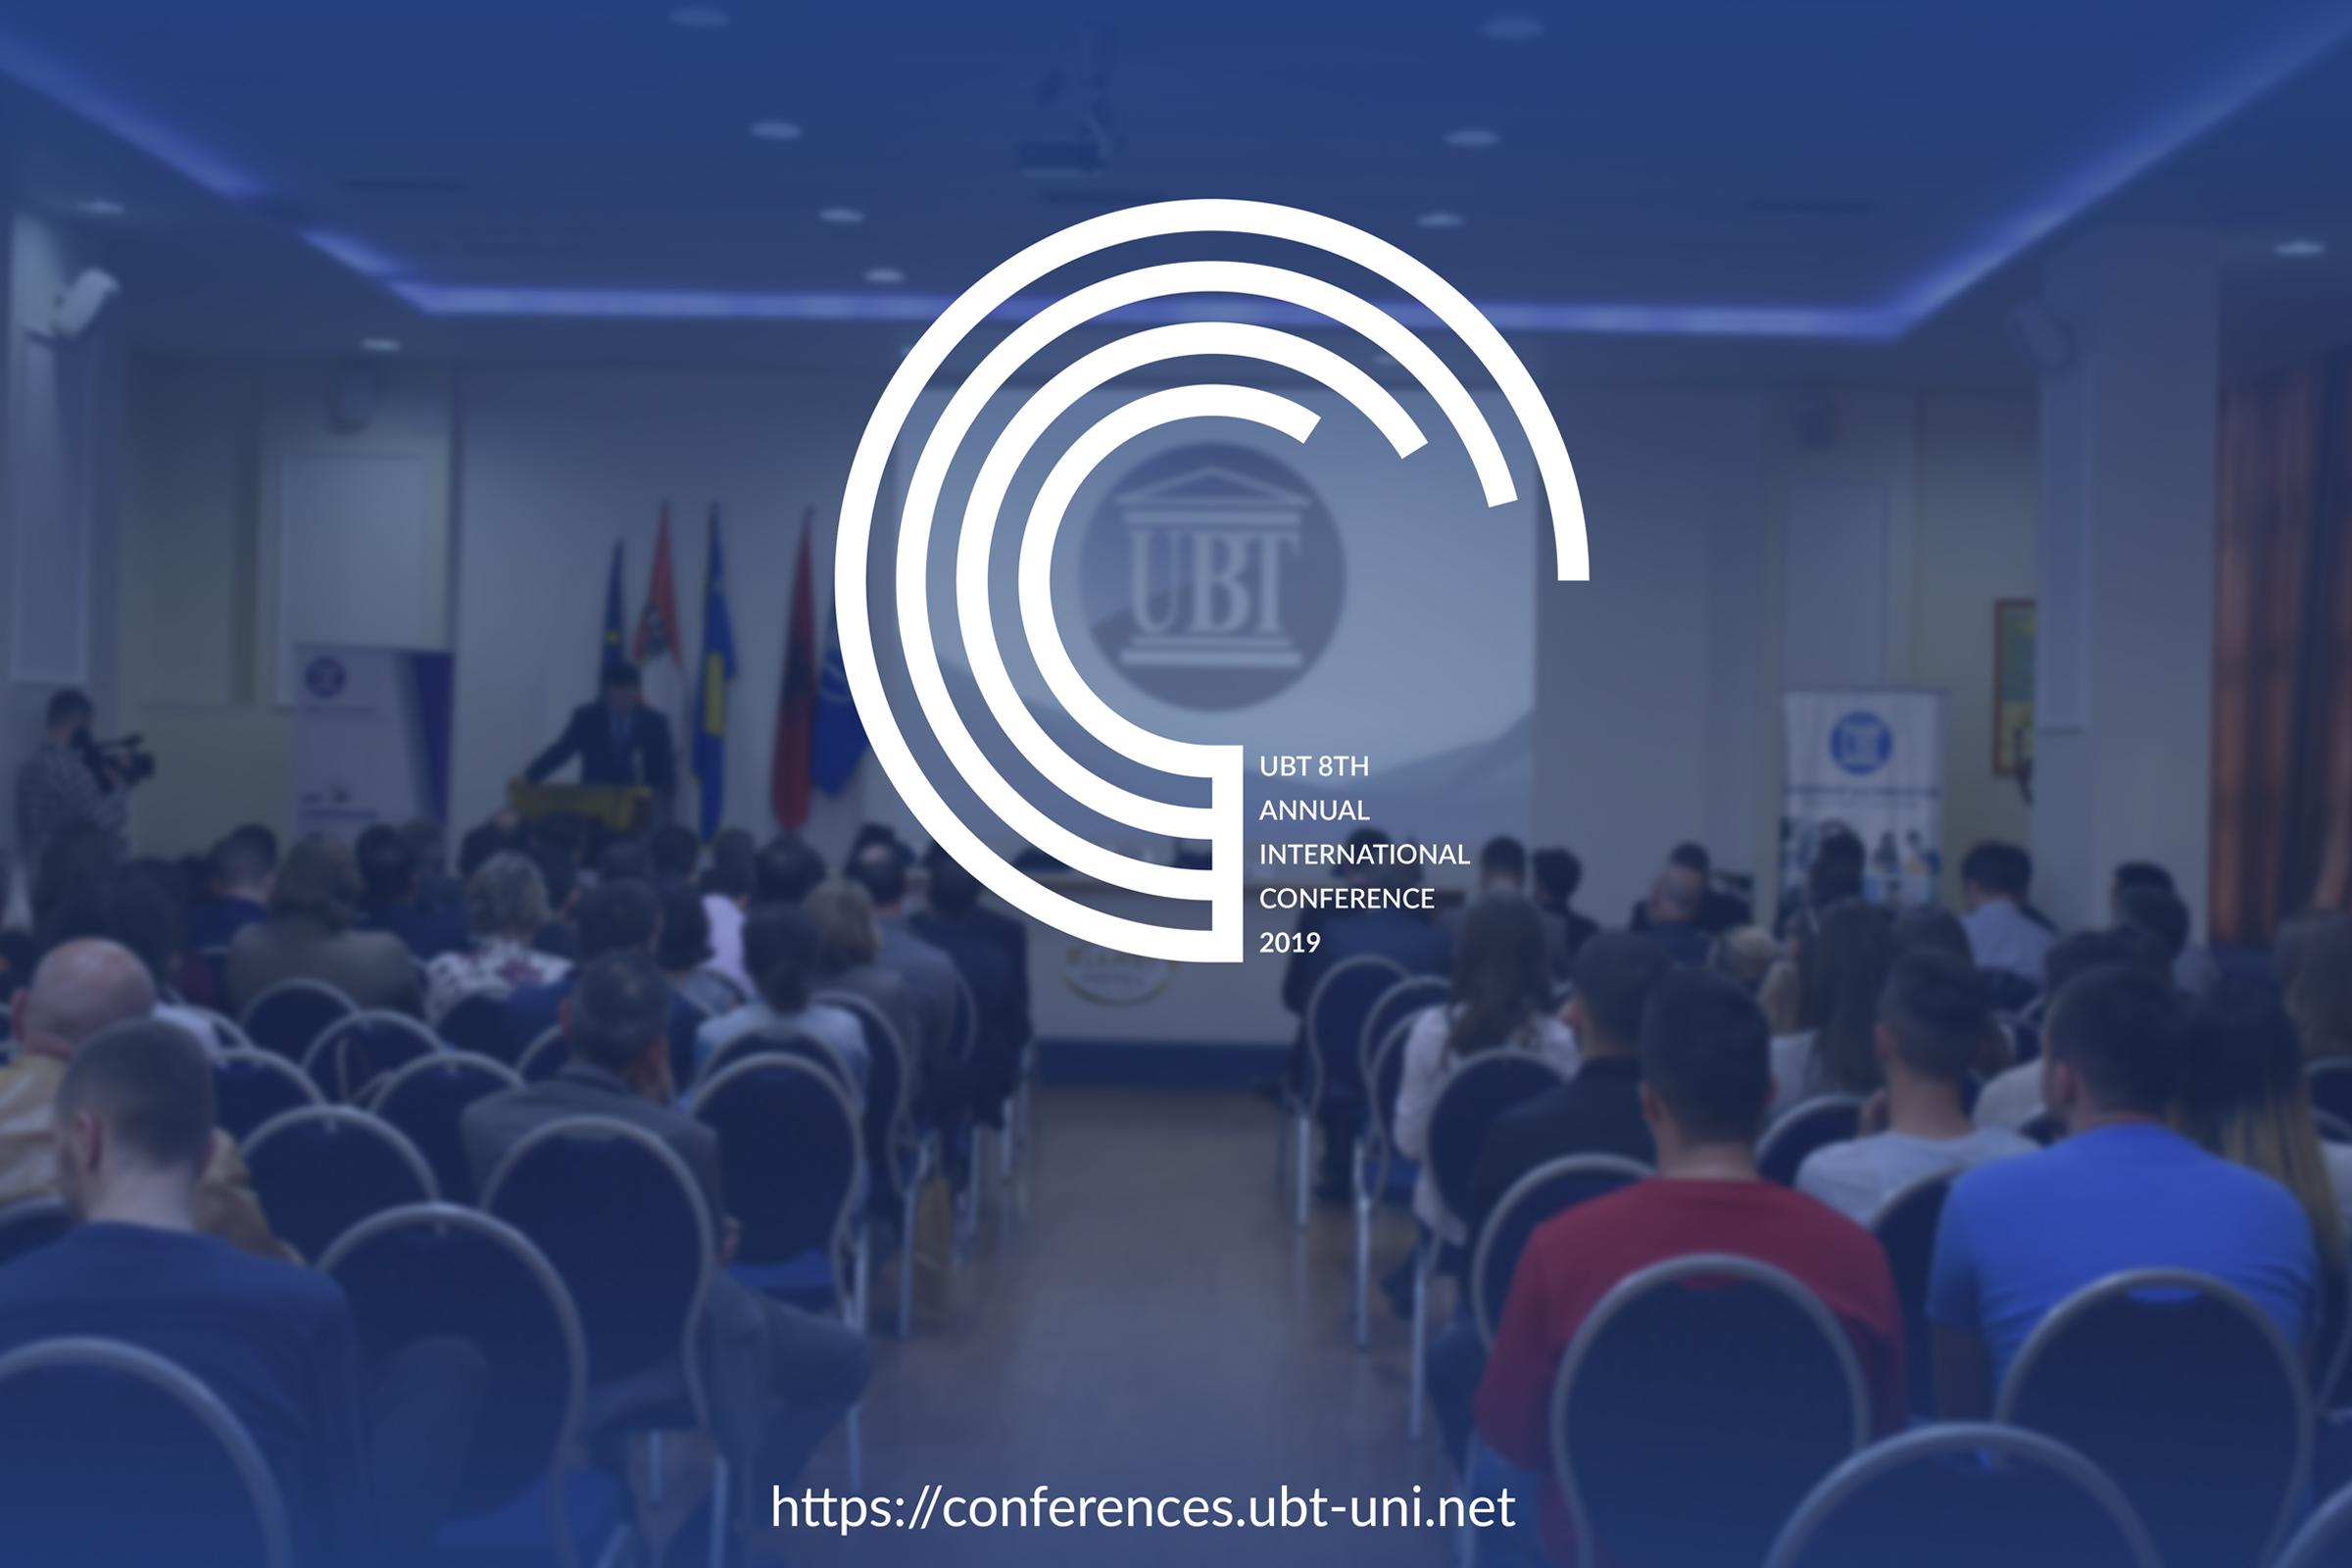 UBT po kryen përgatitjet finale për Konferencën Ndërkombëtare 2019